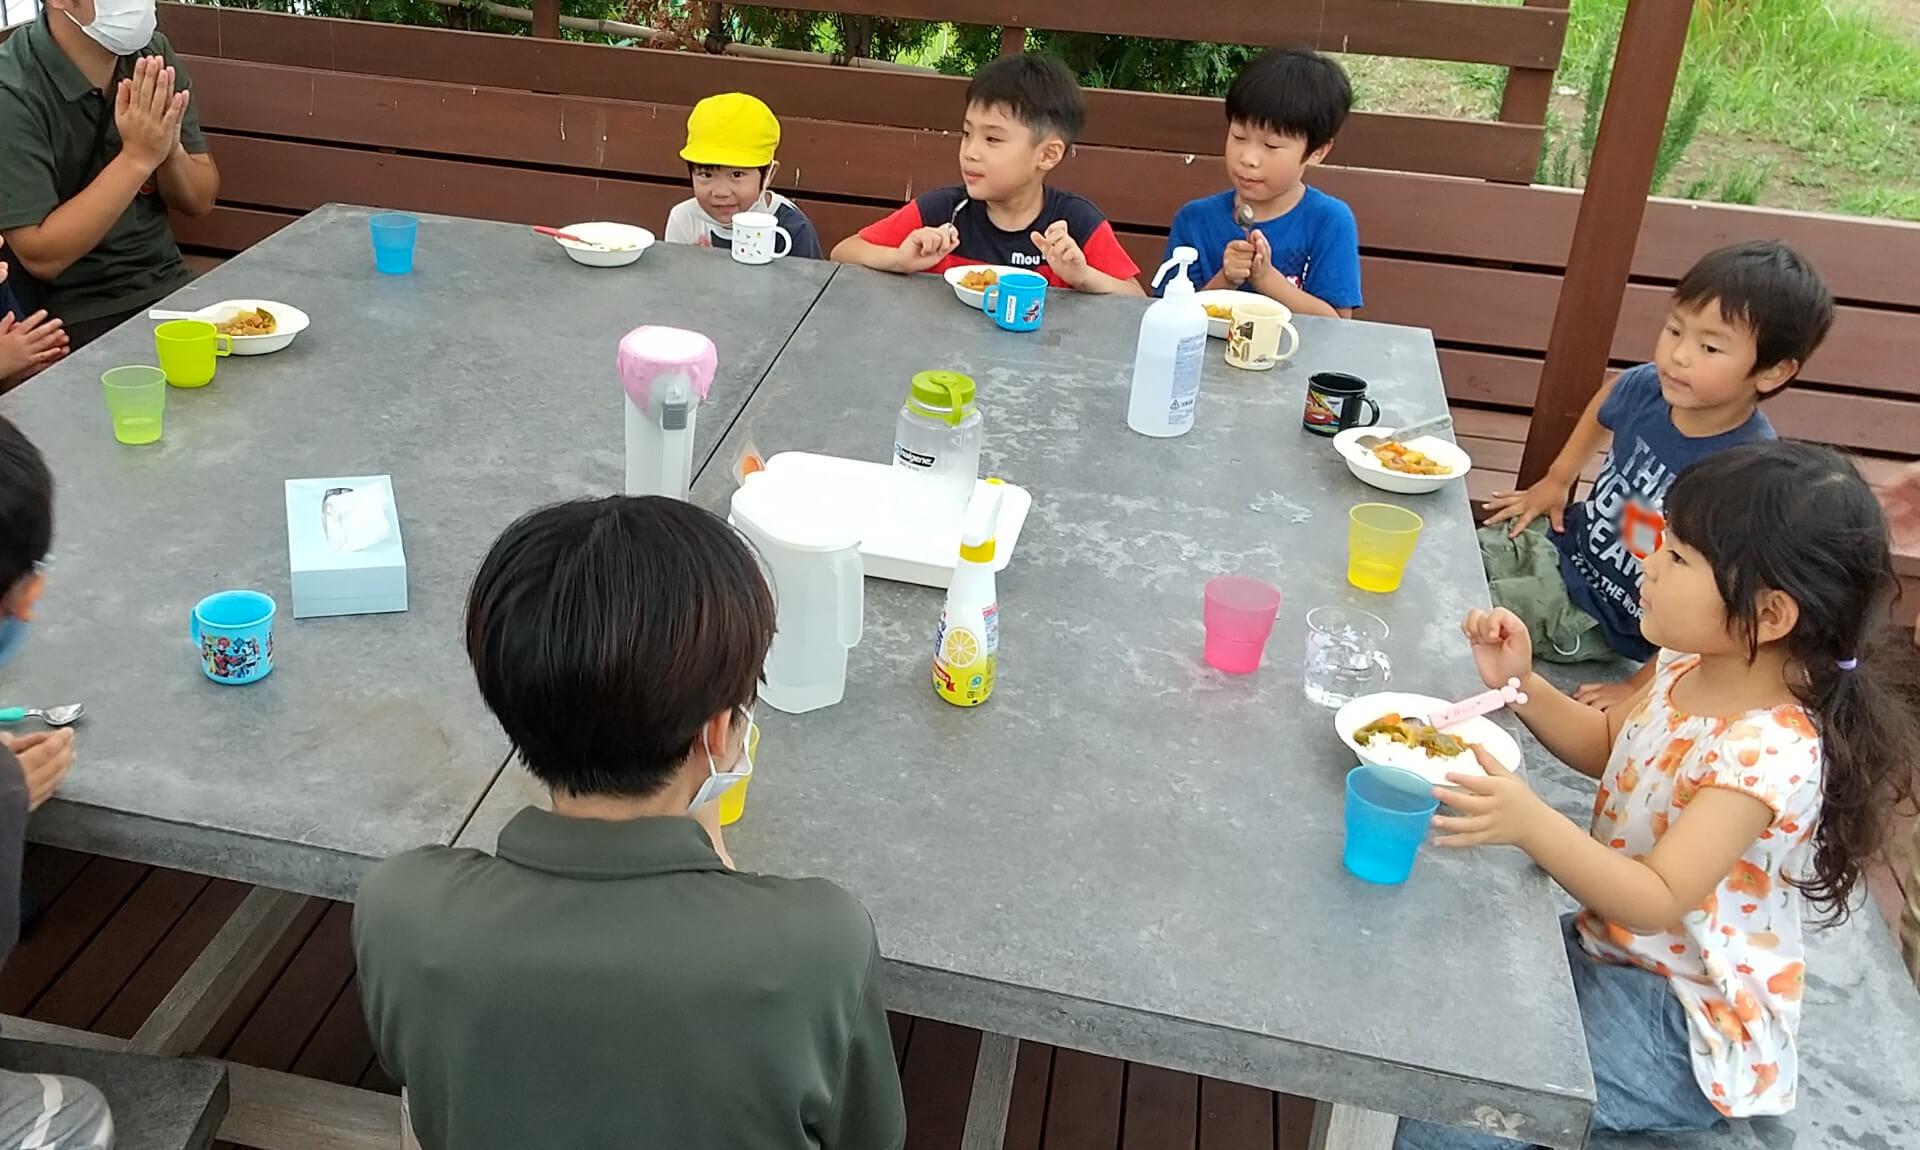 カレーを食べる子どもたち